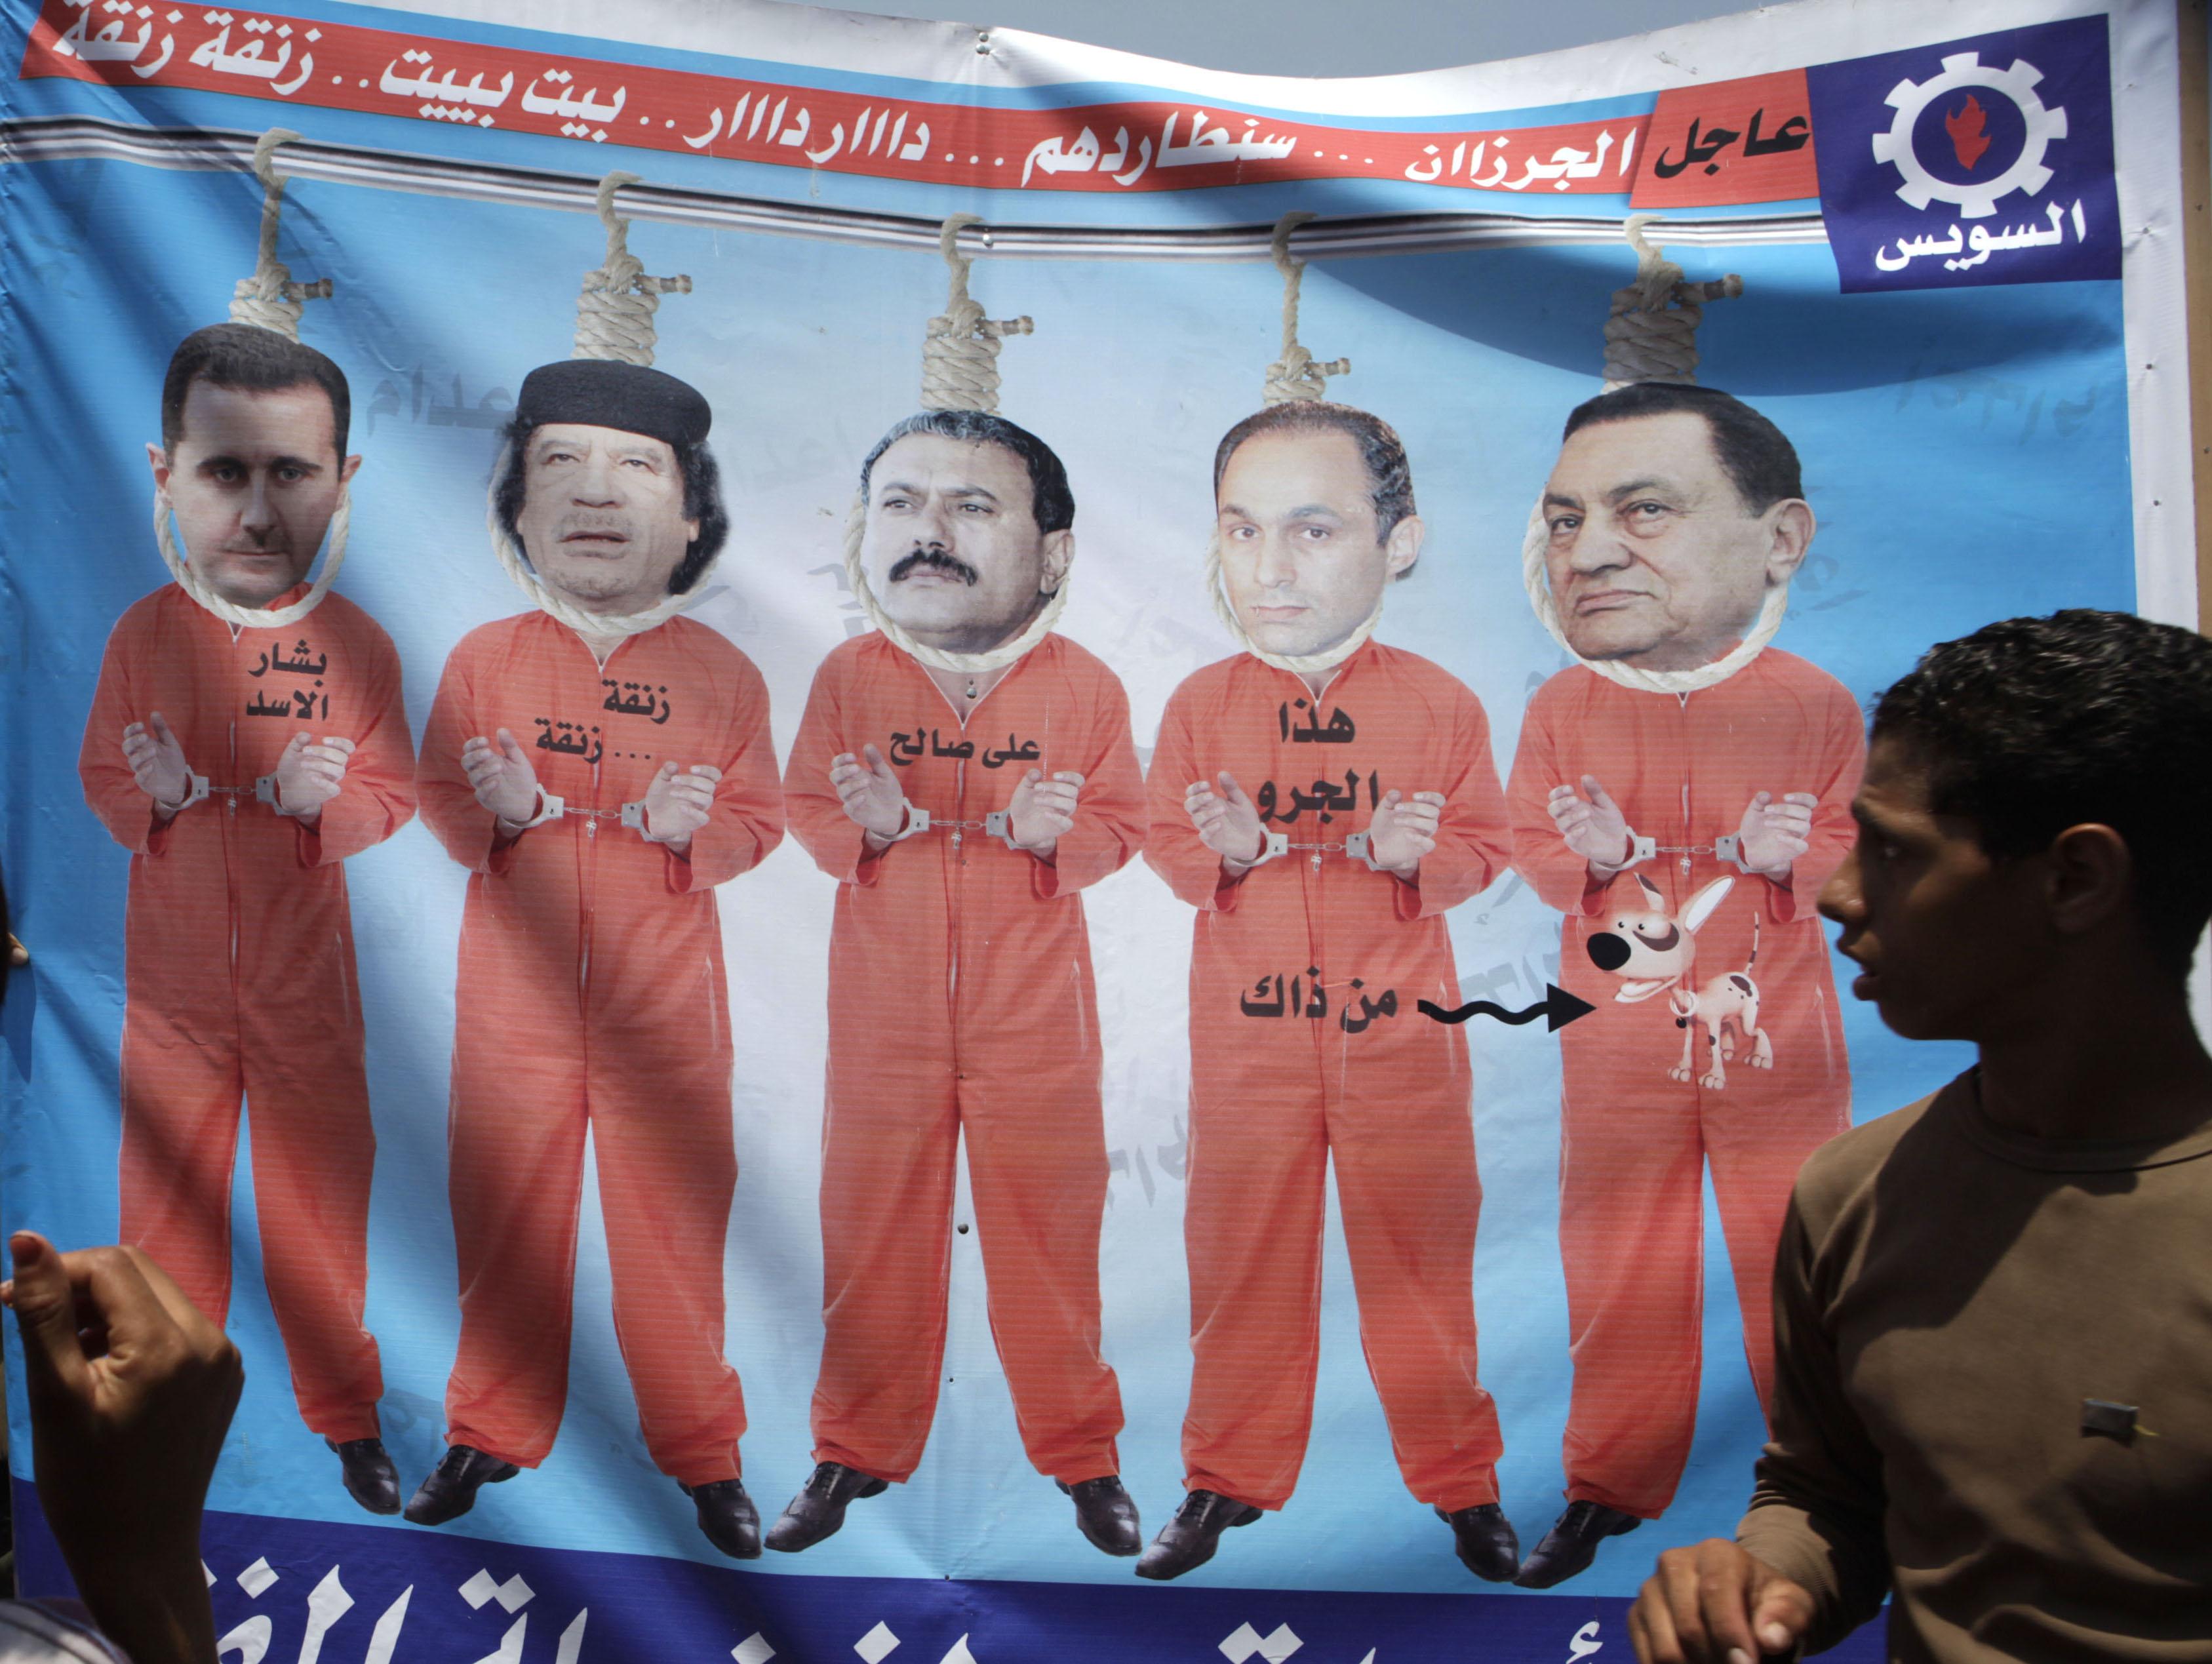 Piazza Tahrir, Cairo, 15 luglio 2011: da destra a sinistra, il presidente egiziano Mubarak (destituito 11 febbraio 2011), suo figlio Gamal, il presidente dello Yemen Ali Abdullah Saleh (destituito il 27 febbraio 2012), il capo della Libia Muammar Gheddafi (ucciso il 20 ottobre 2011) e il presidente siriano Bashar al-Assad in uniforme da carcerati